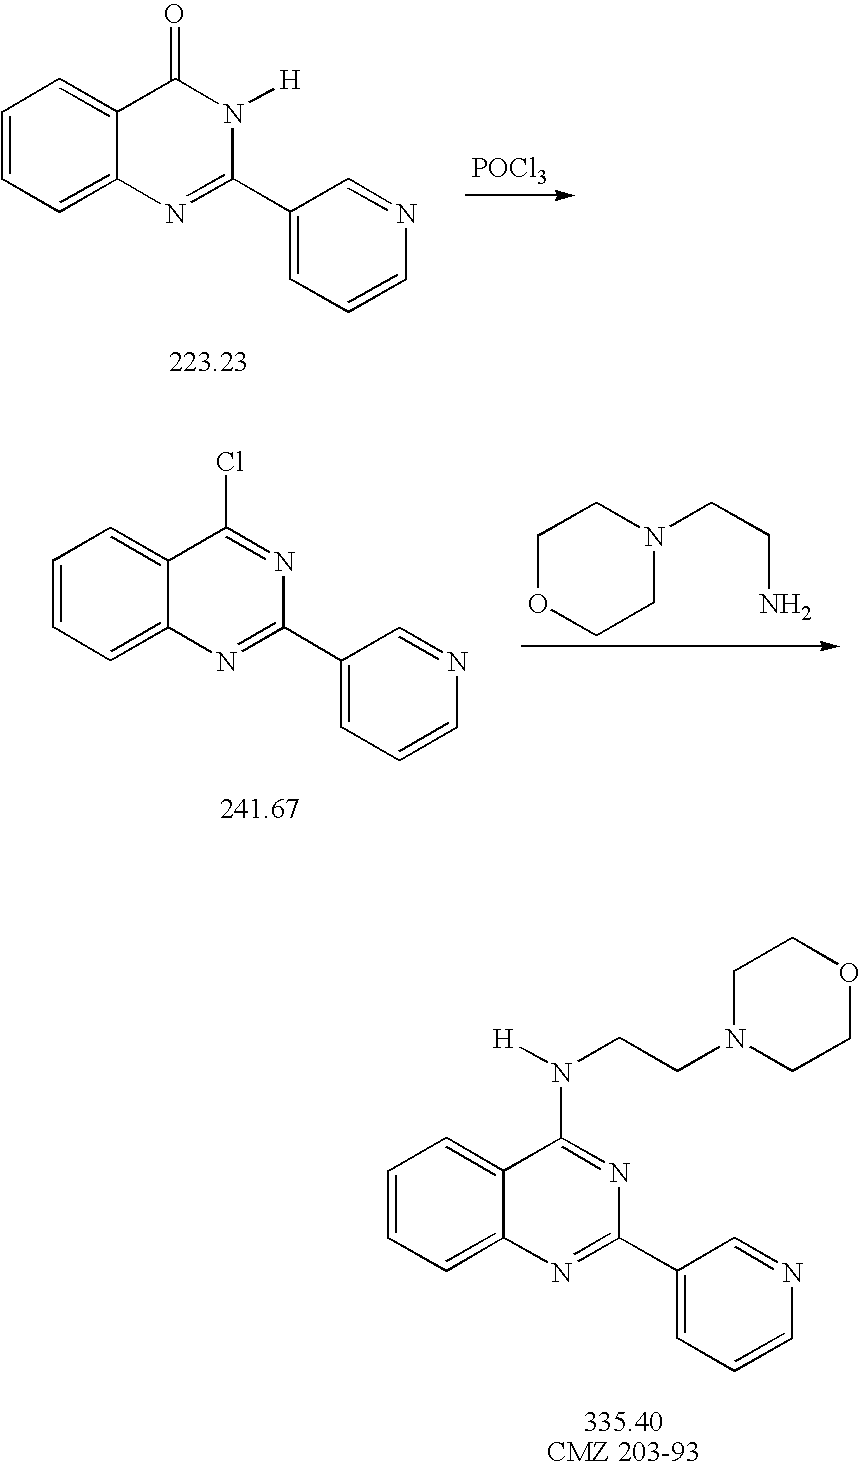 Figure US20070232622A1-20071004-C00327